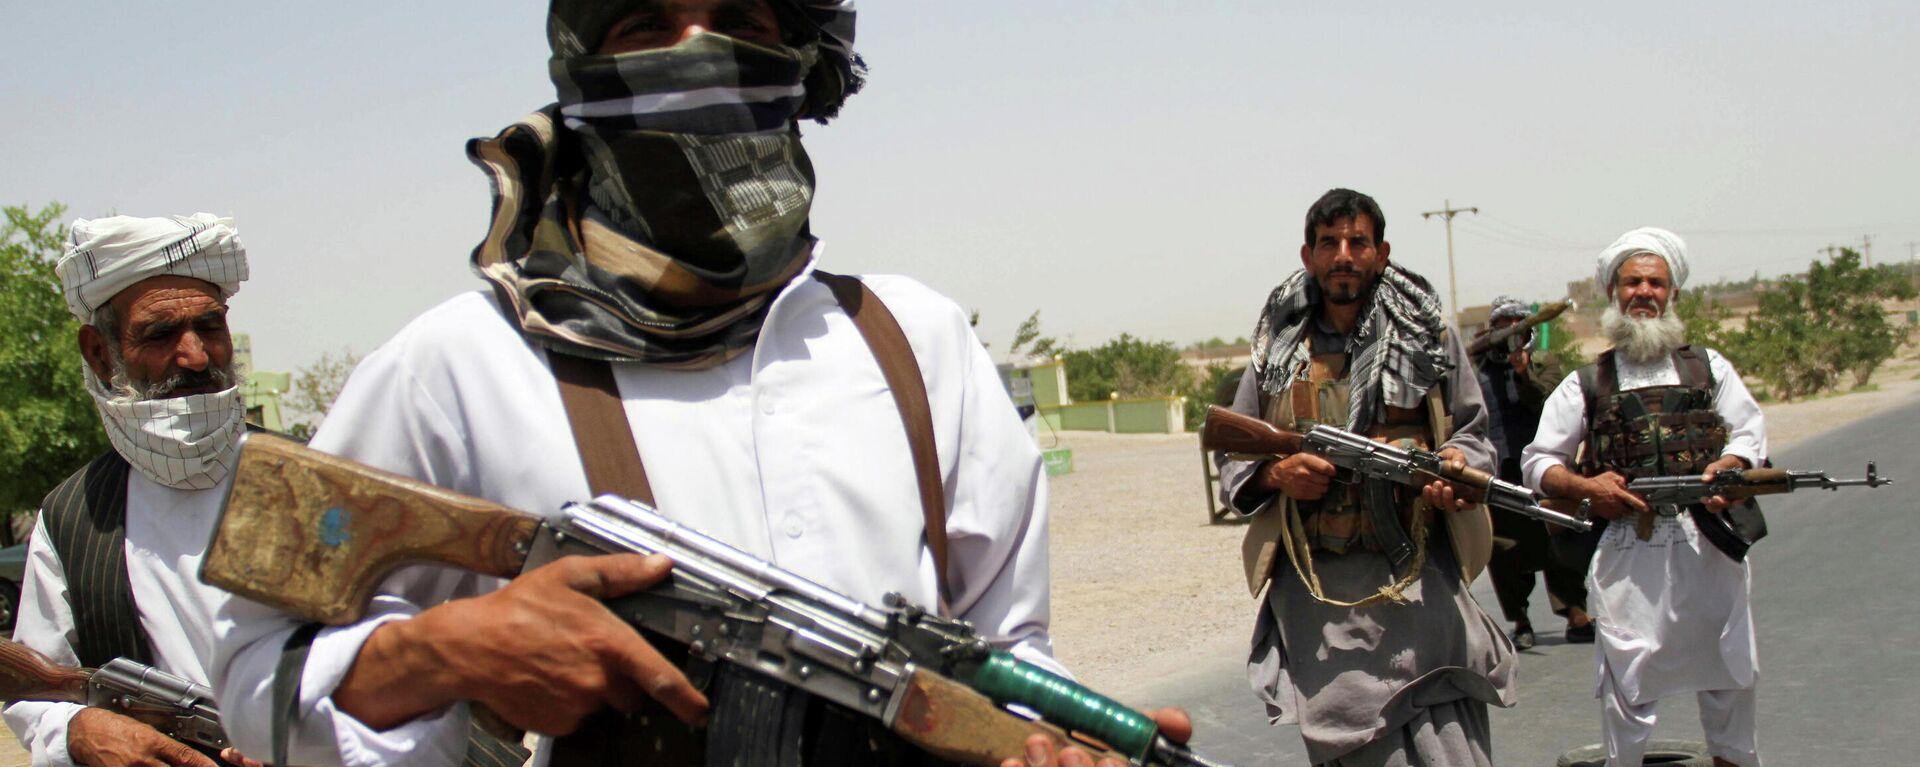 Мужчины с оружием в руках в Афганистане - Sputnik Таджикистан, 1920, 21.07.2021